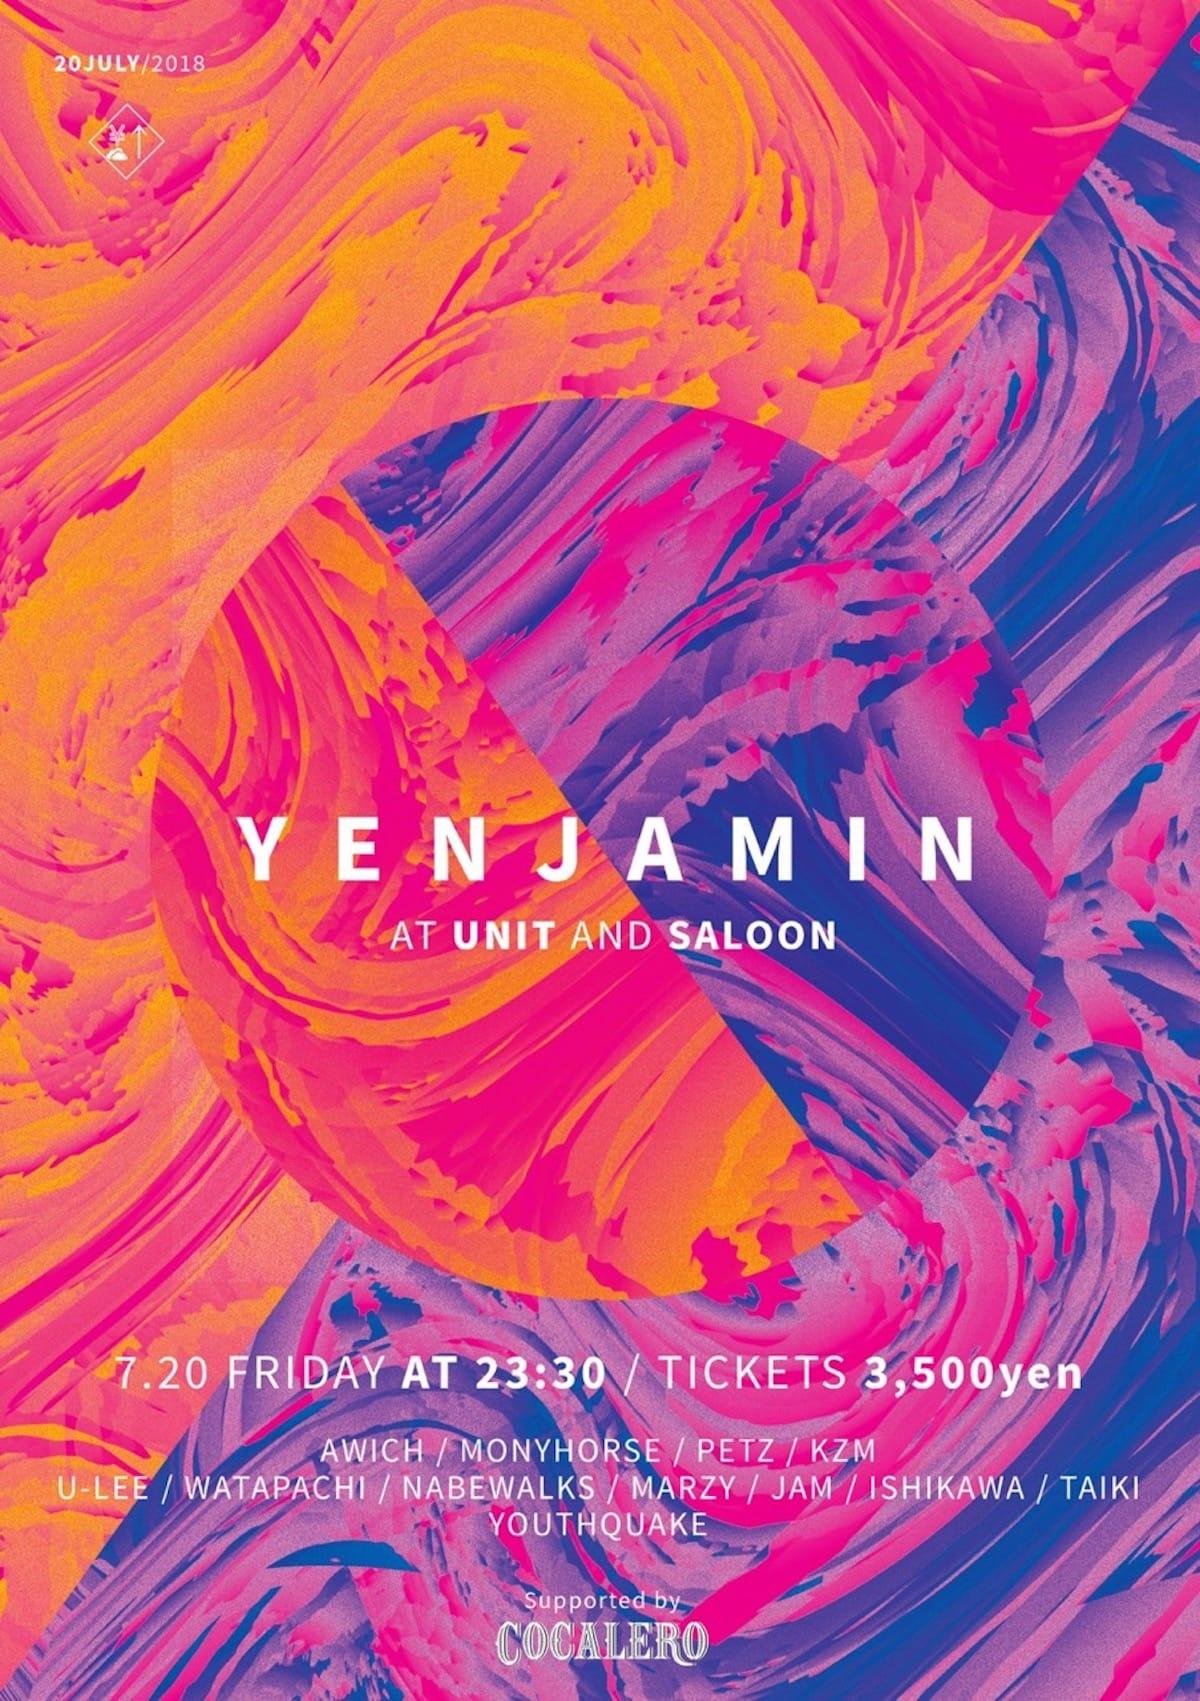 YENTOWNによるパーティー「YENJAMIN」が代官山UNITで7月開催│SALOONフロアはYouthQuakeがプロデュース music180526-yenjamin--1200x1701